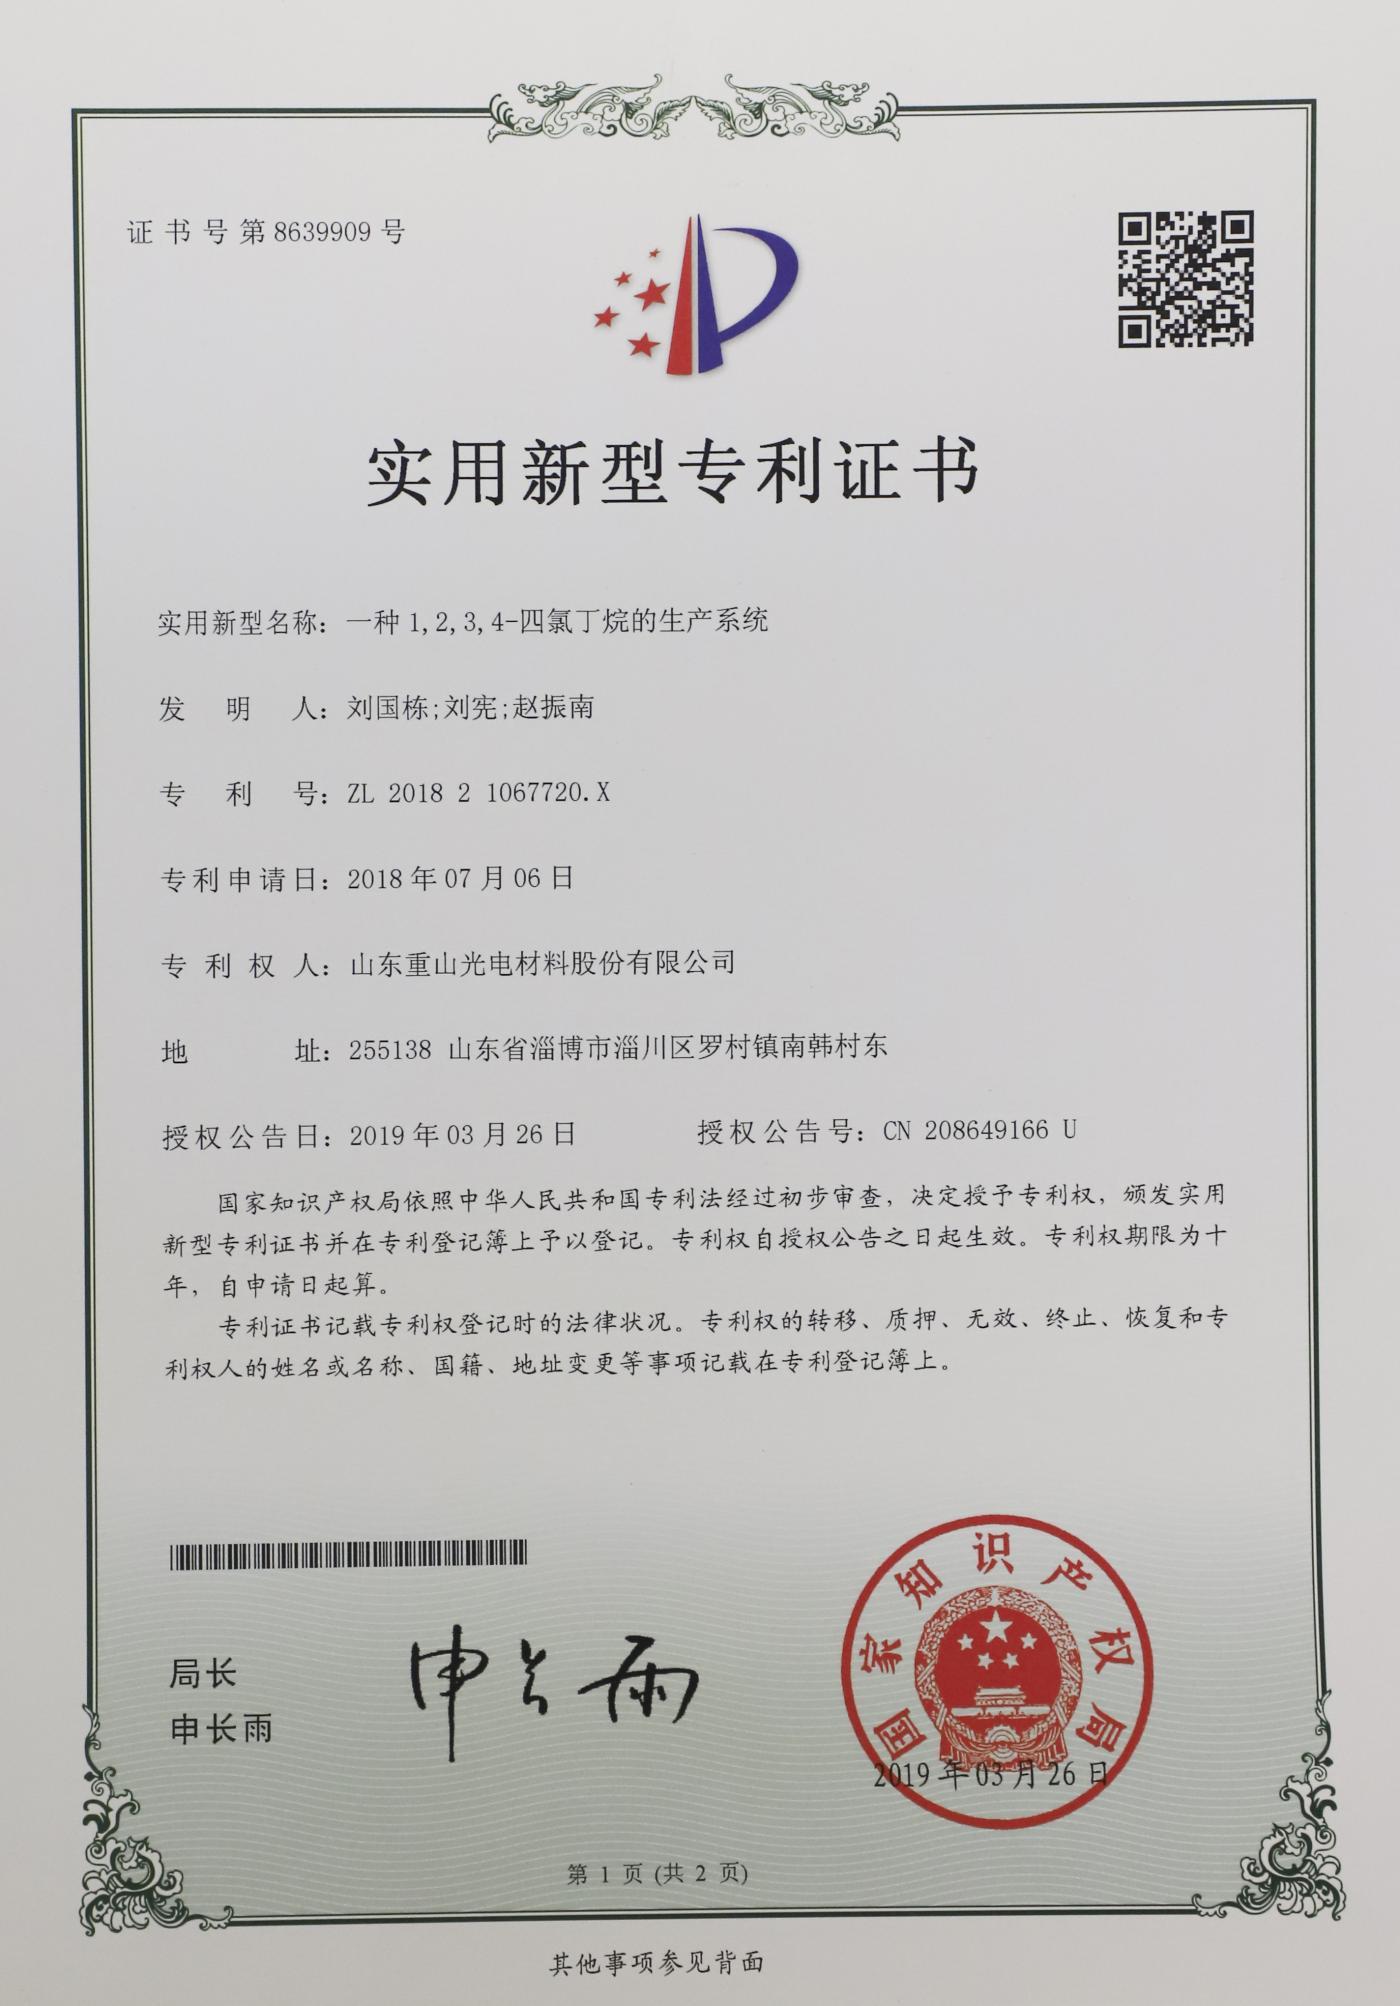 一种1,2,3,4—四氯丁烷的生产系统